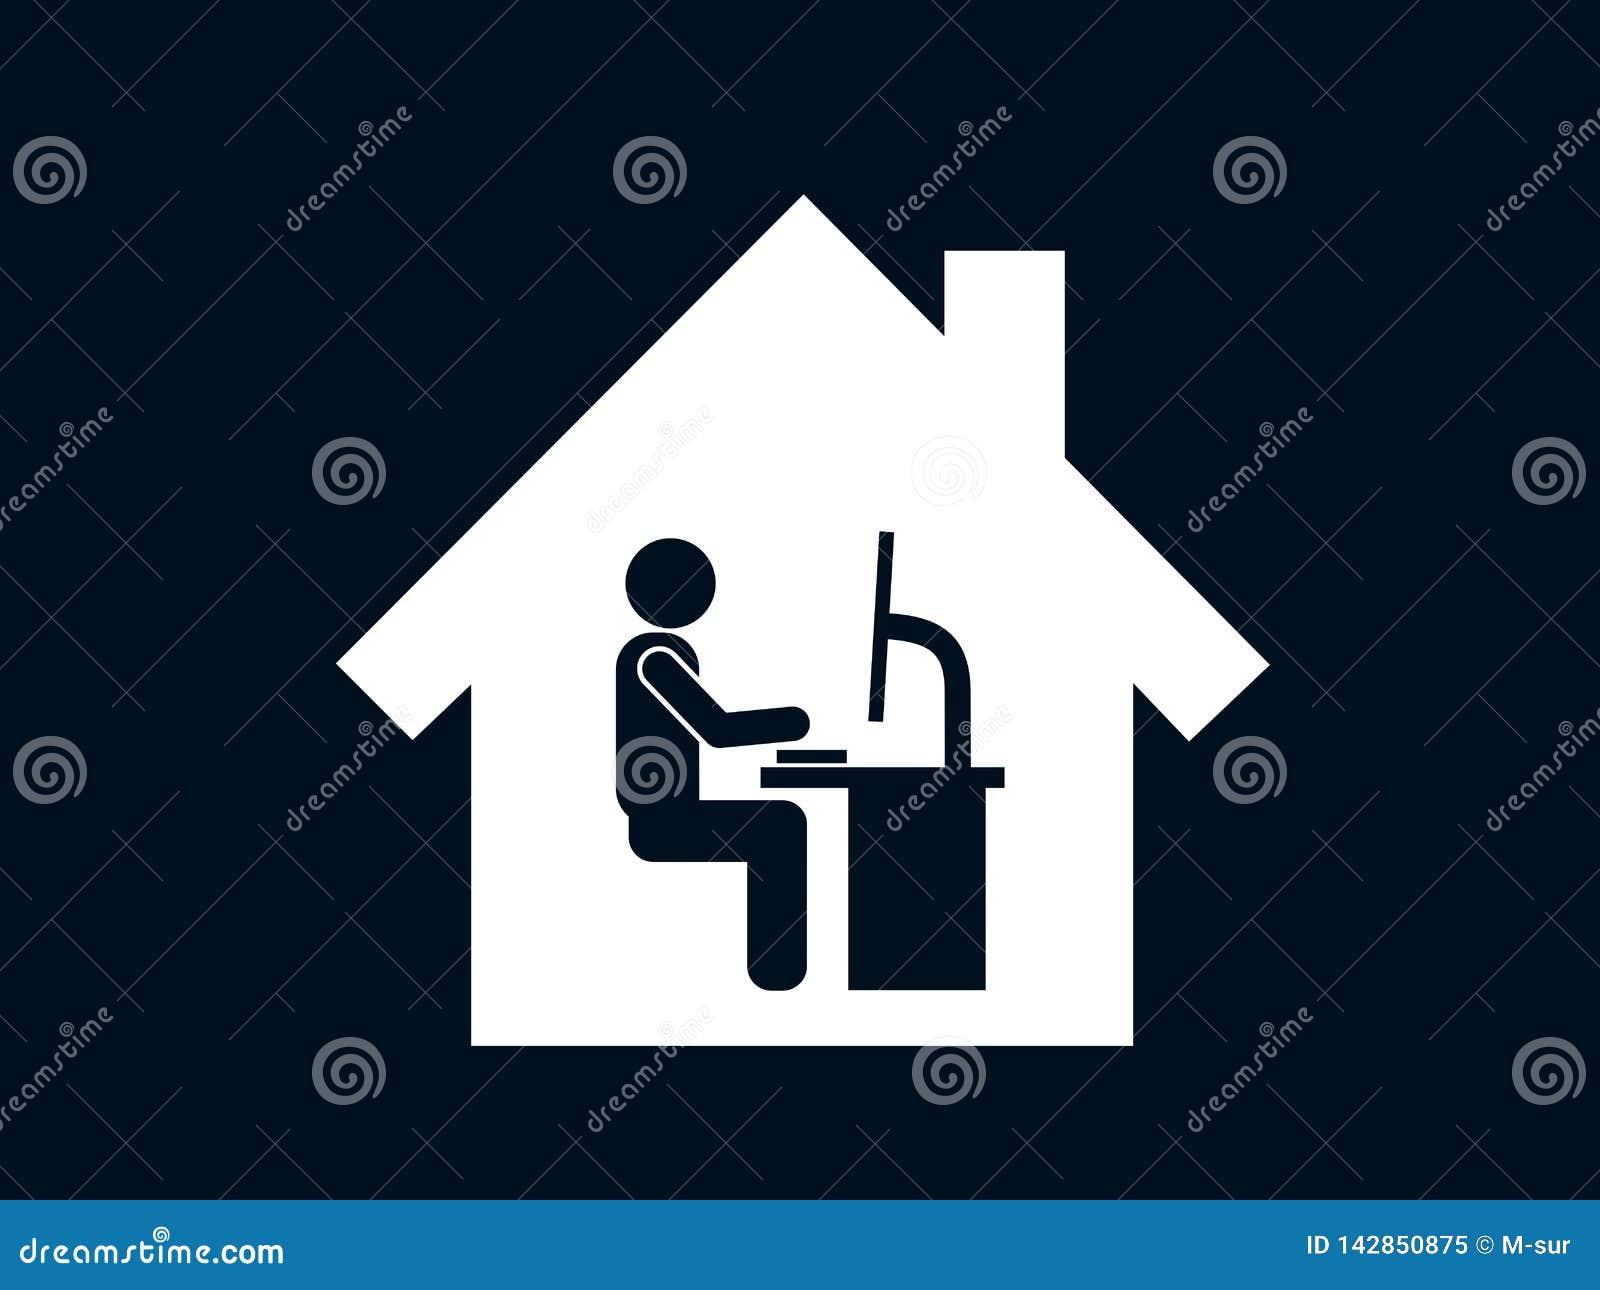 Ministerio del Interior - la persona está trabajando en la PC y de computadora personal en su casa individual